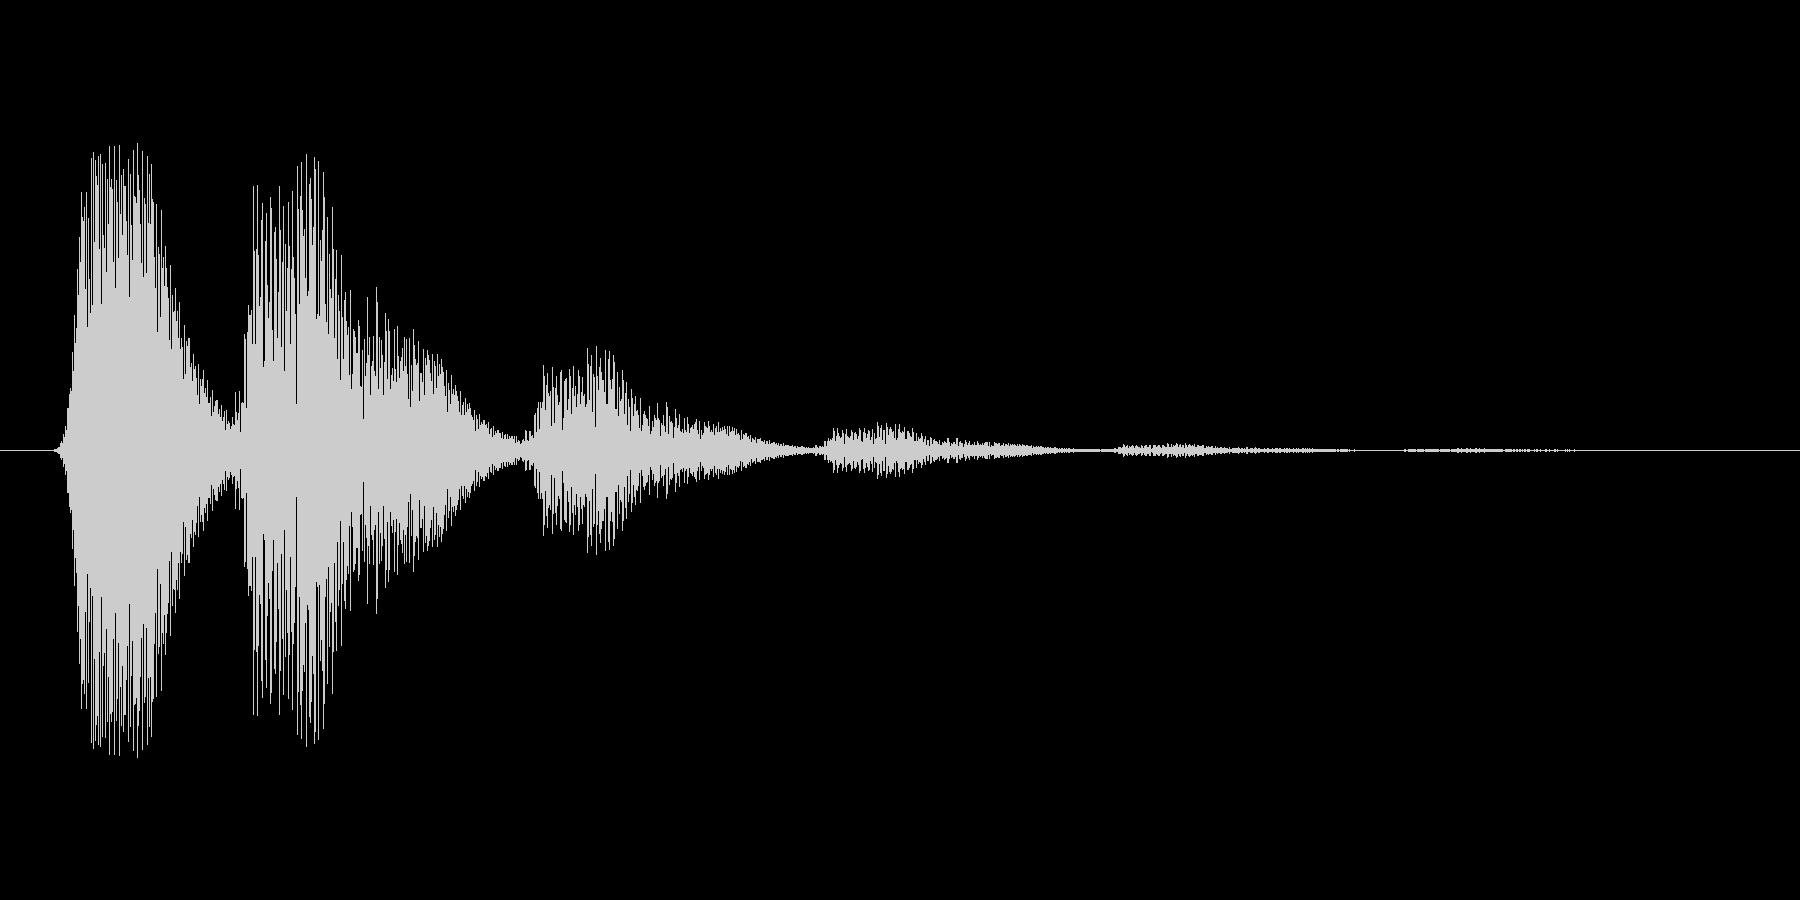 ファミコン風効果音 キャンセル系 09の未再生の波形